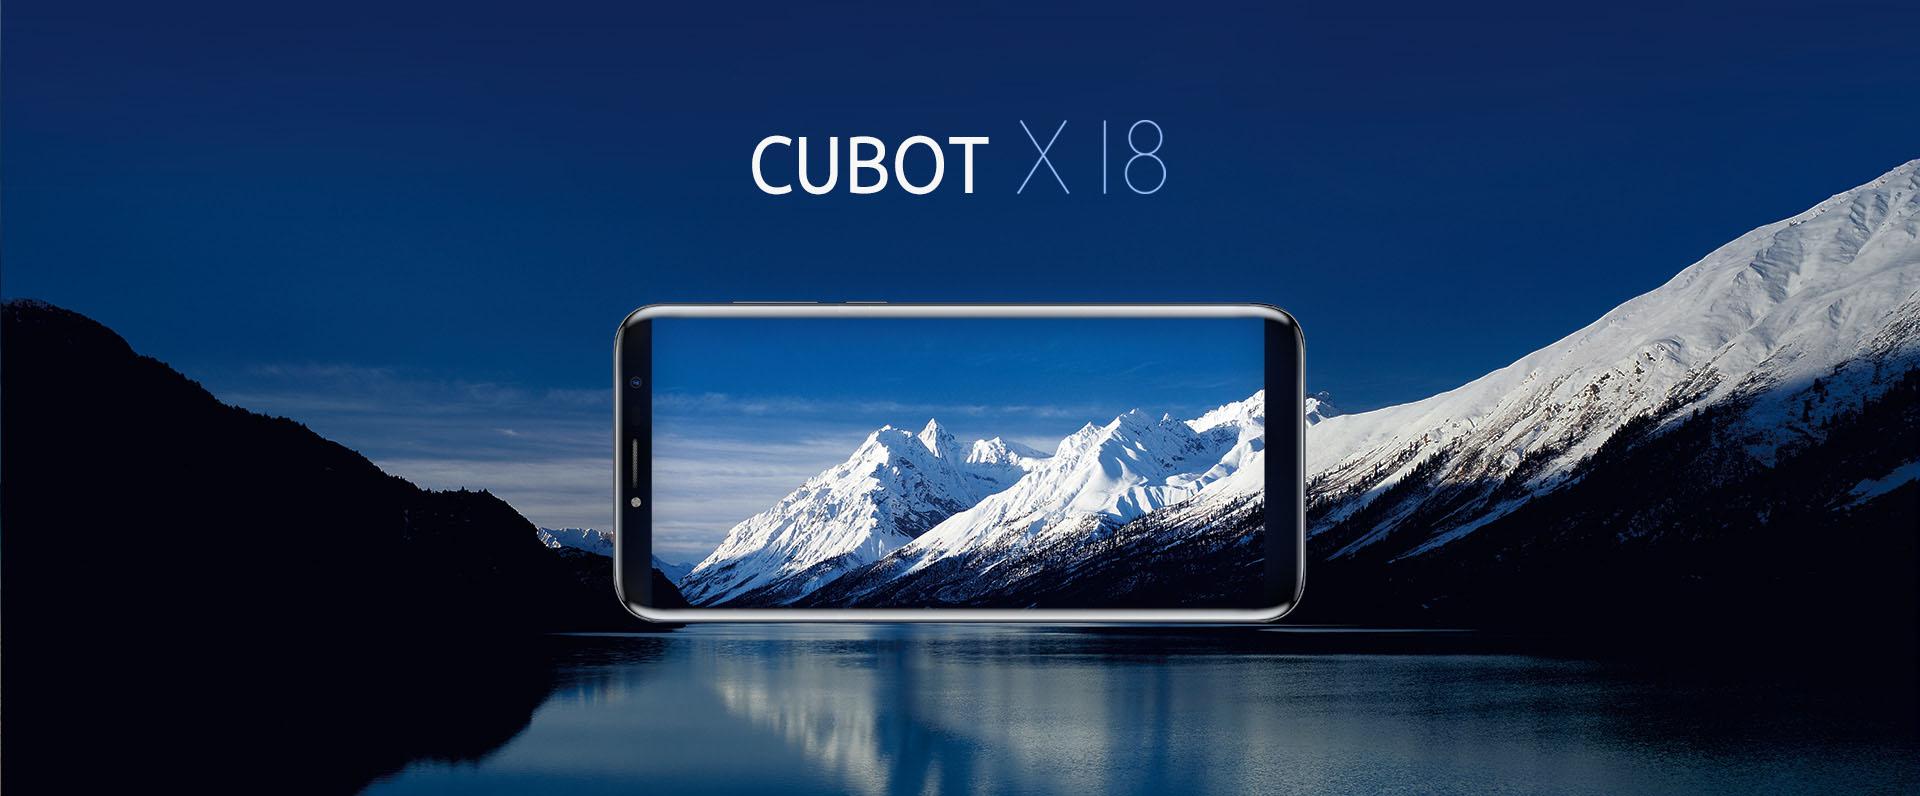 Стеклянный Cubot X18 с экраном 18:9 показан на тизере